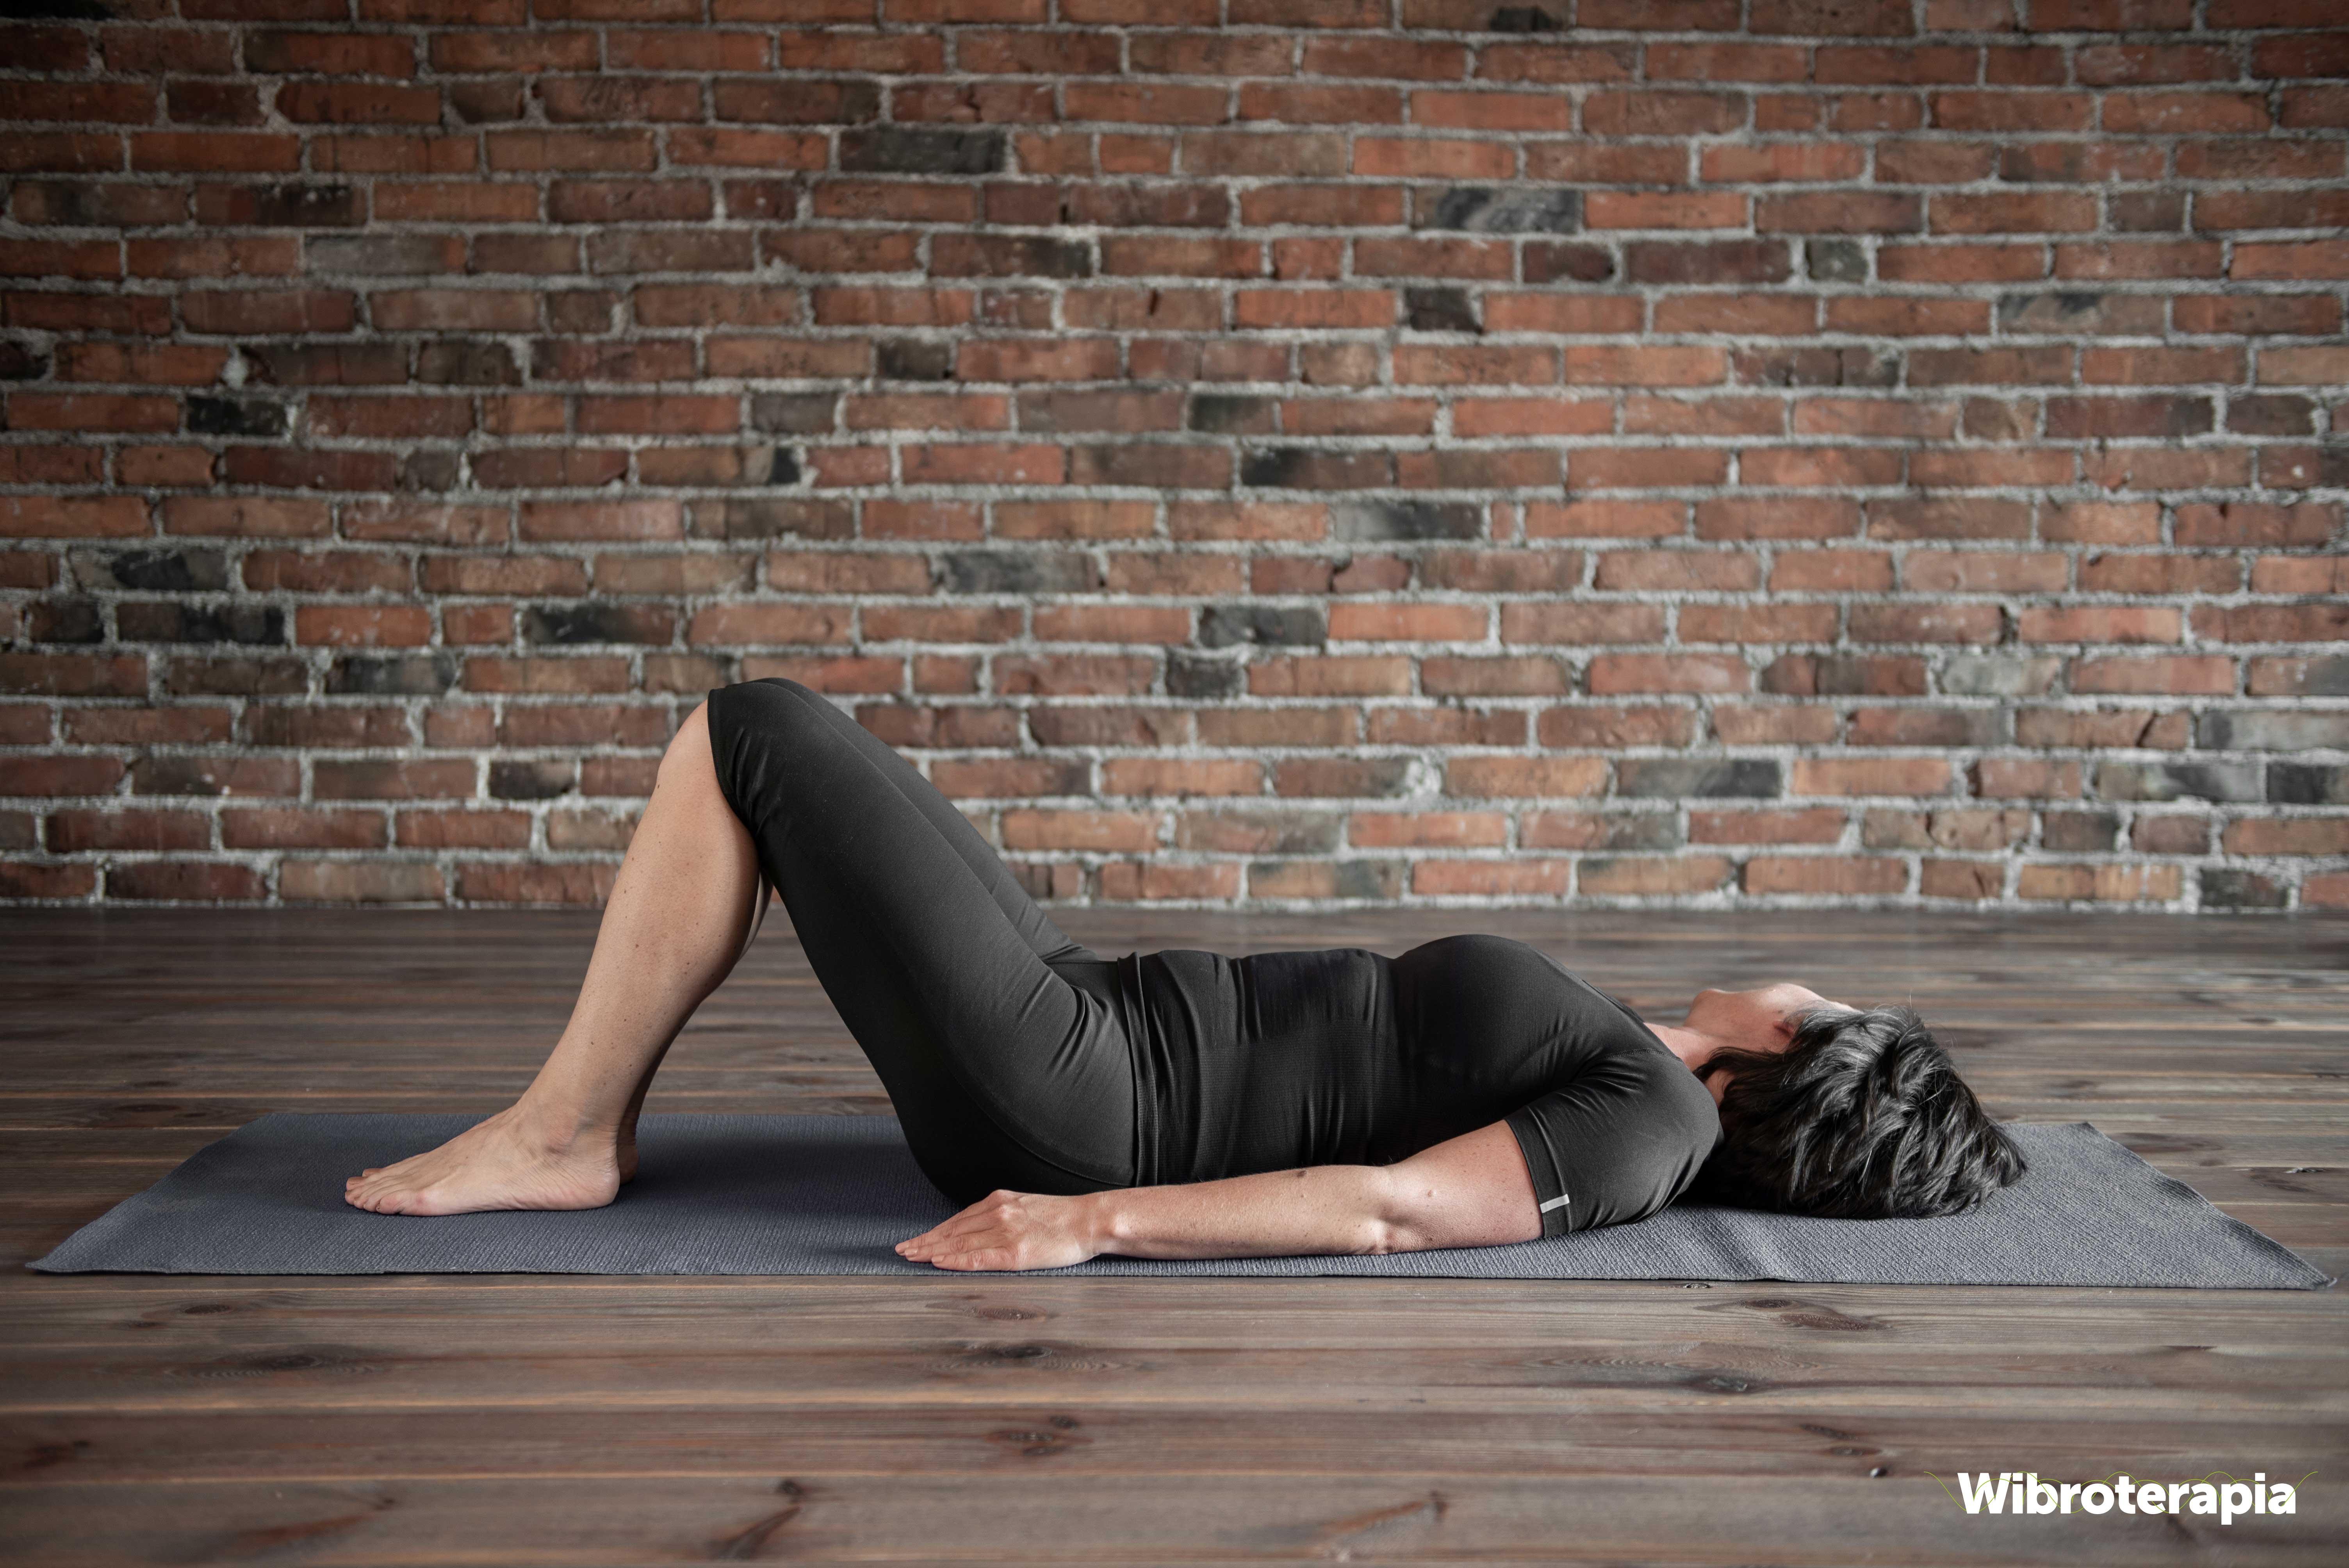 Pozycja wyjściowa - leżenie ze zgiętymi kolanami